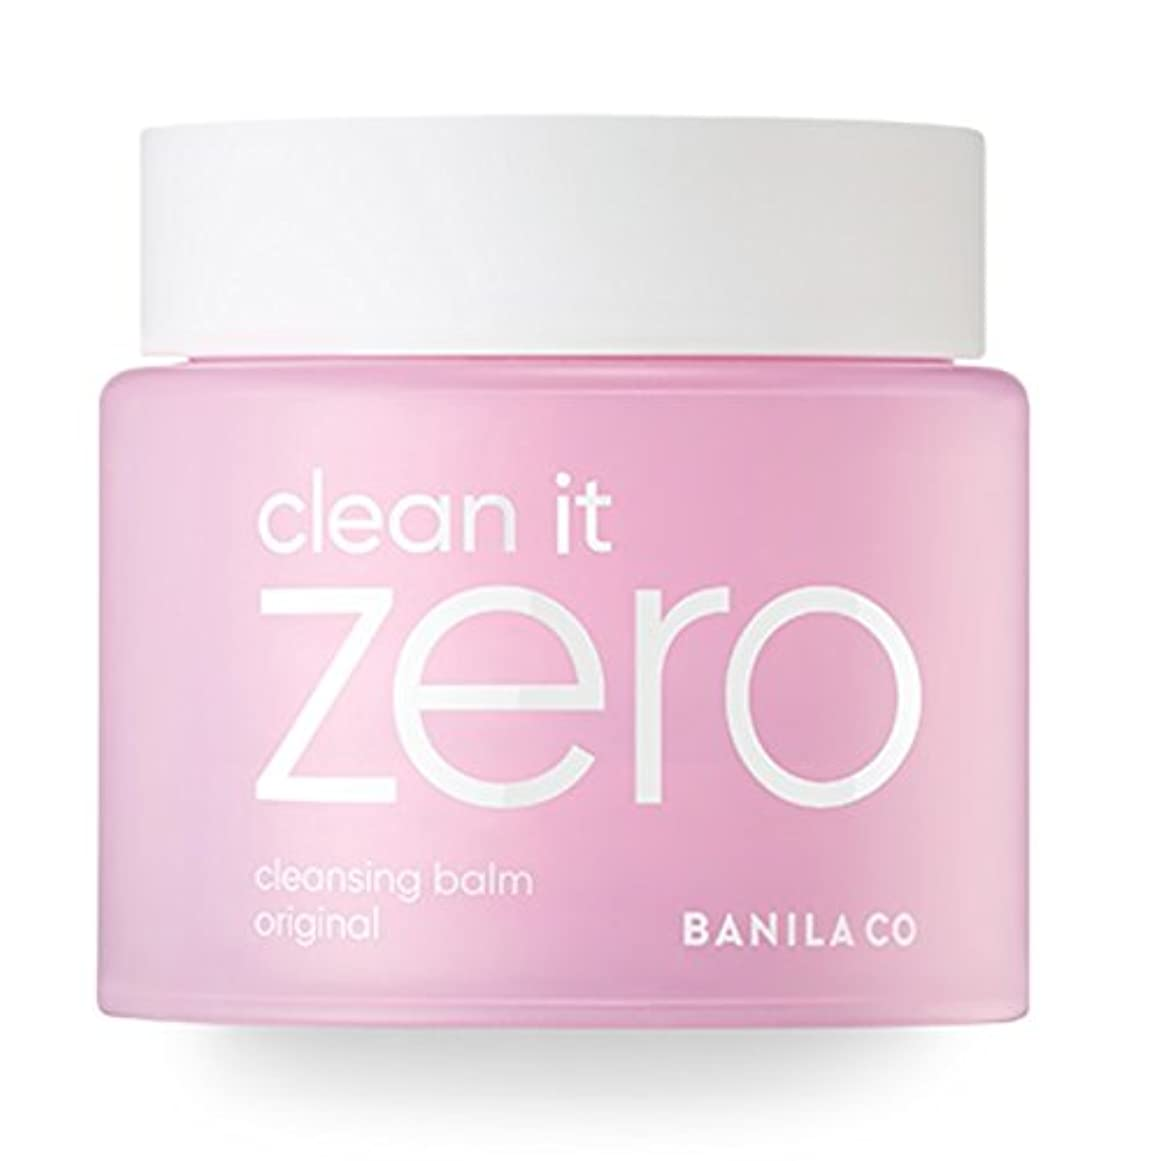 ハグ優しさ遅い[banila co.] Clean It Zero 100ml (sherbet cleanser) (Clean It Zero Ultra Size 180ml (Original))